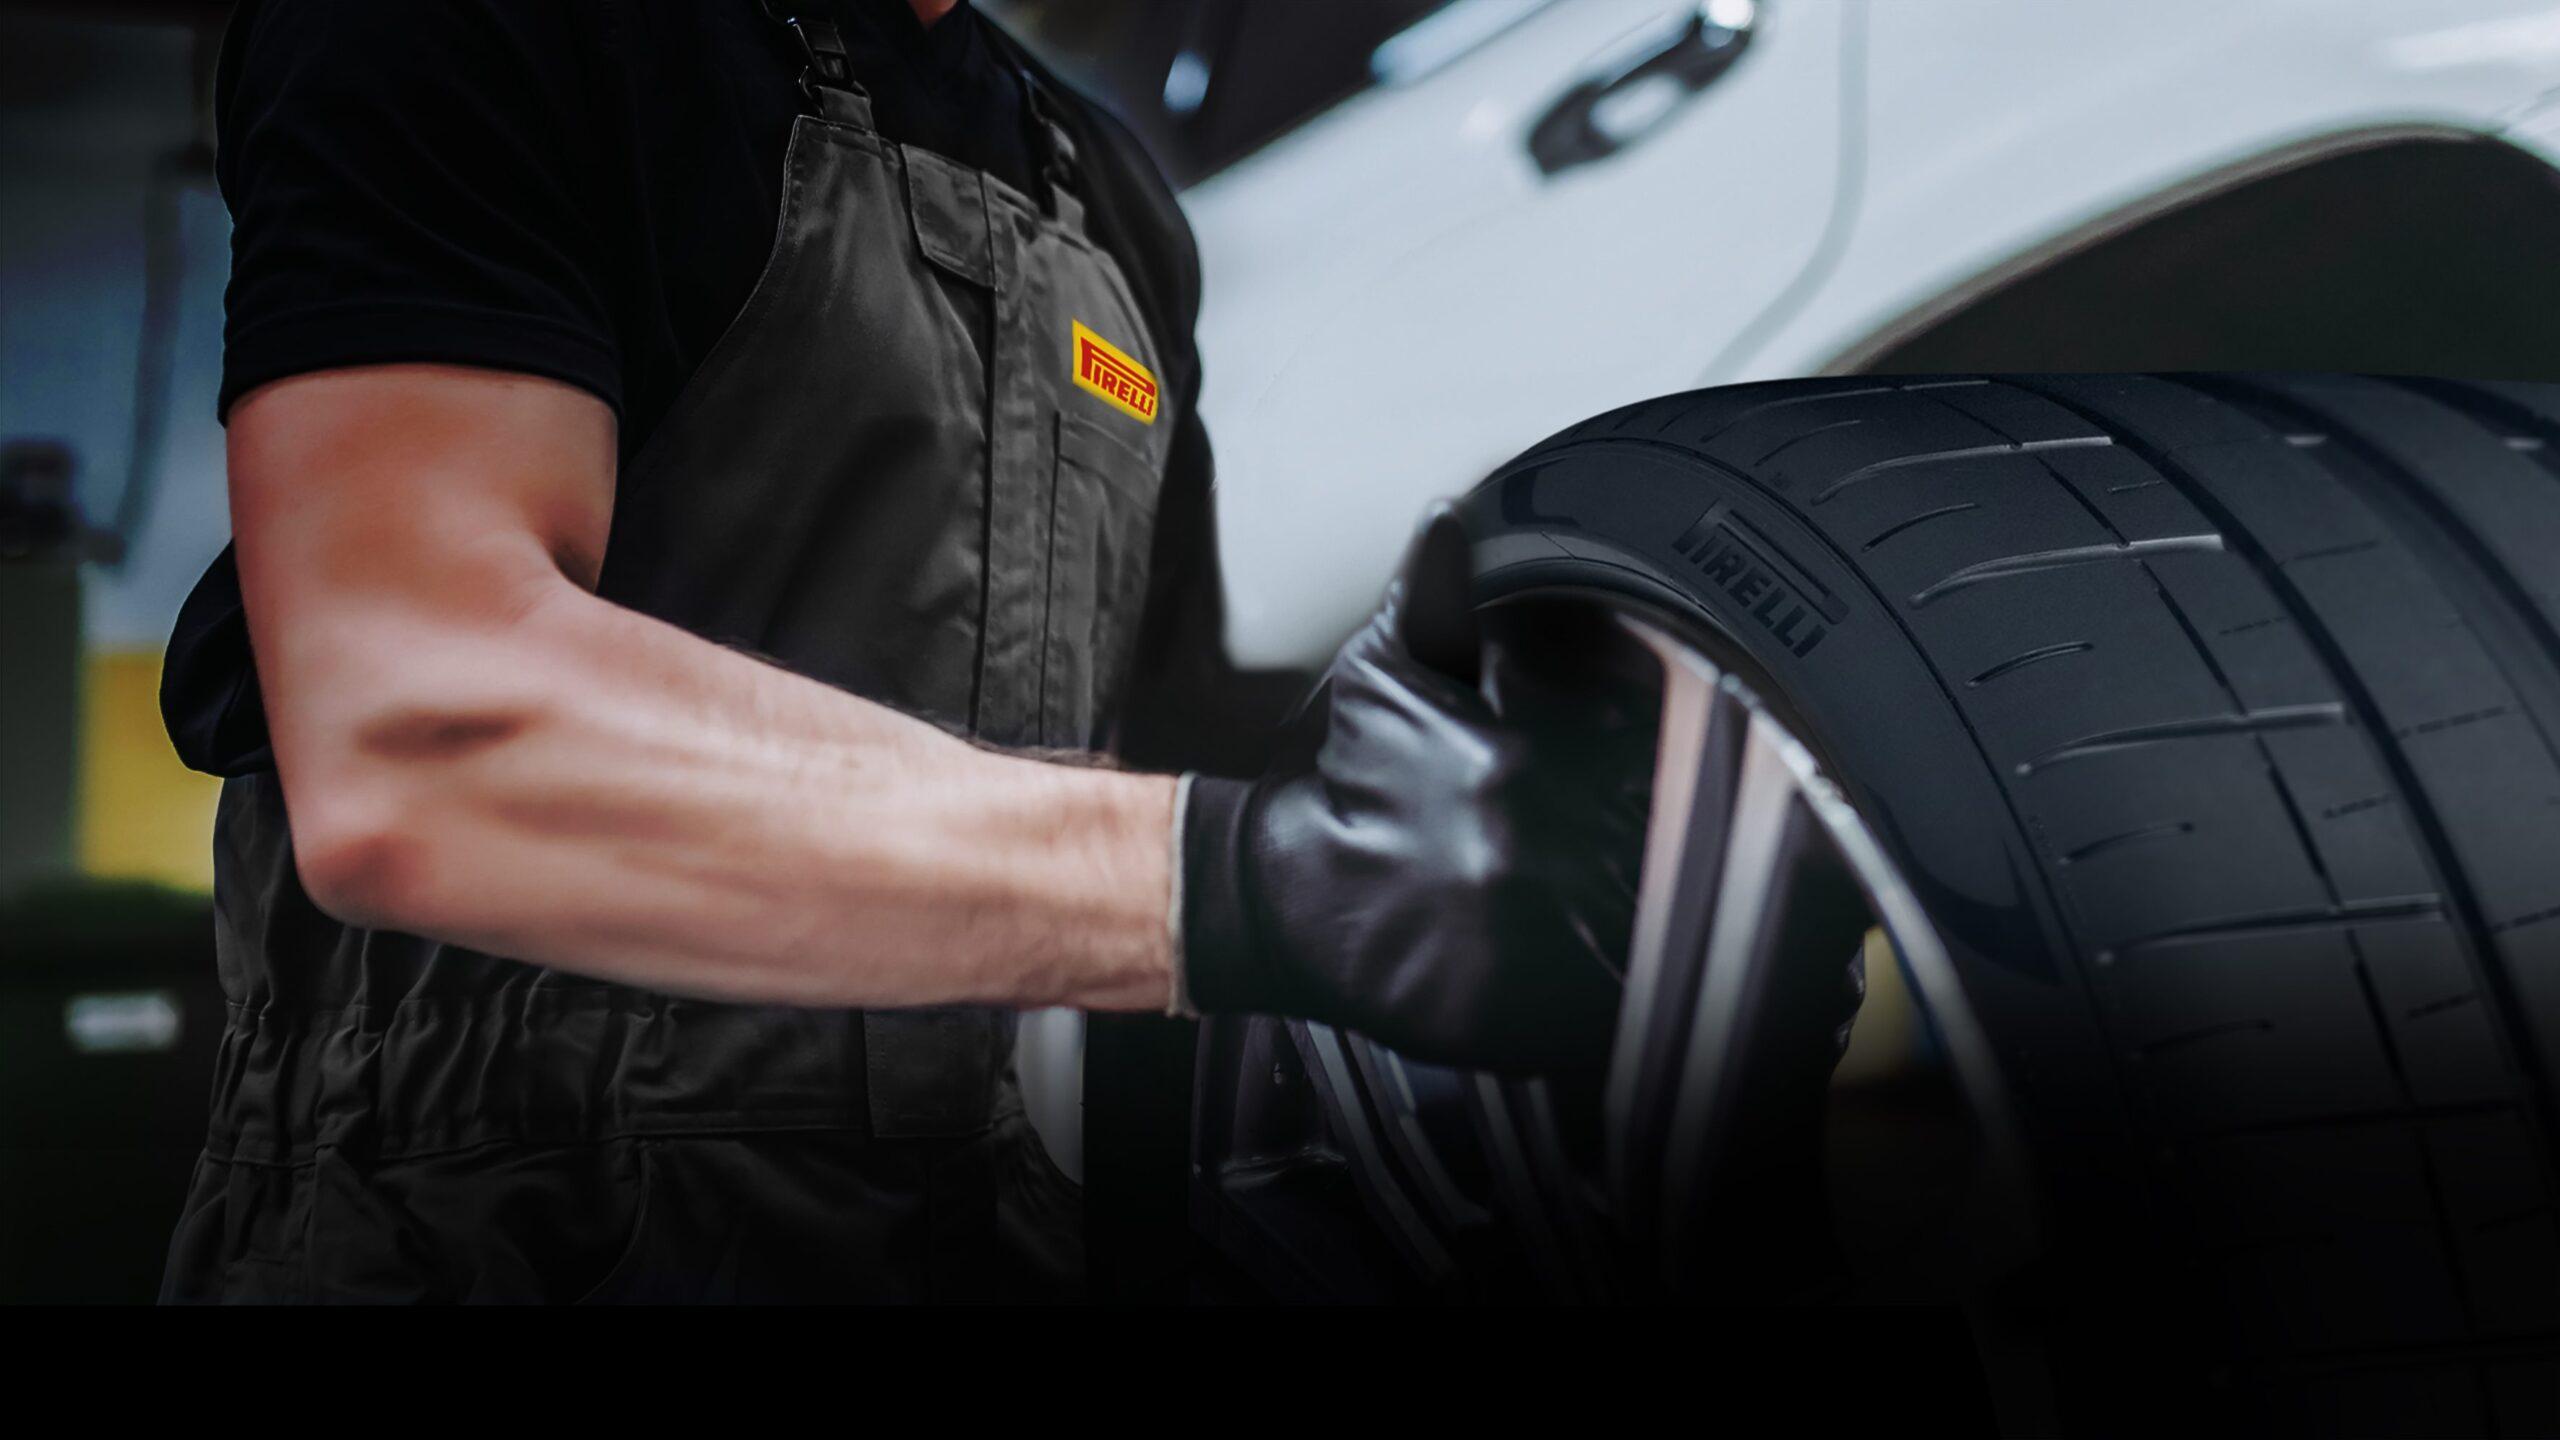 Recomandările Pirelli după o perioadă mai lungă în care nu ai circulat cu mașina